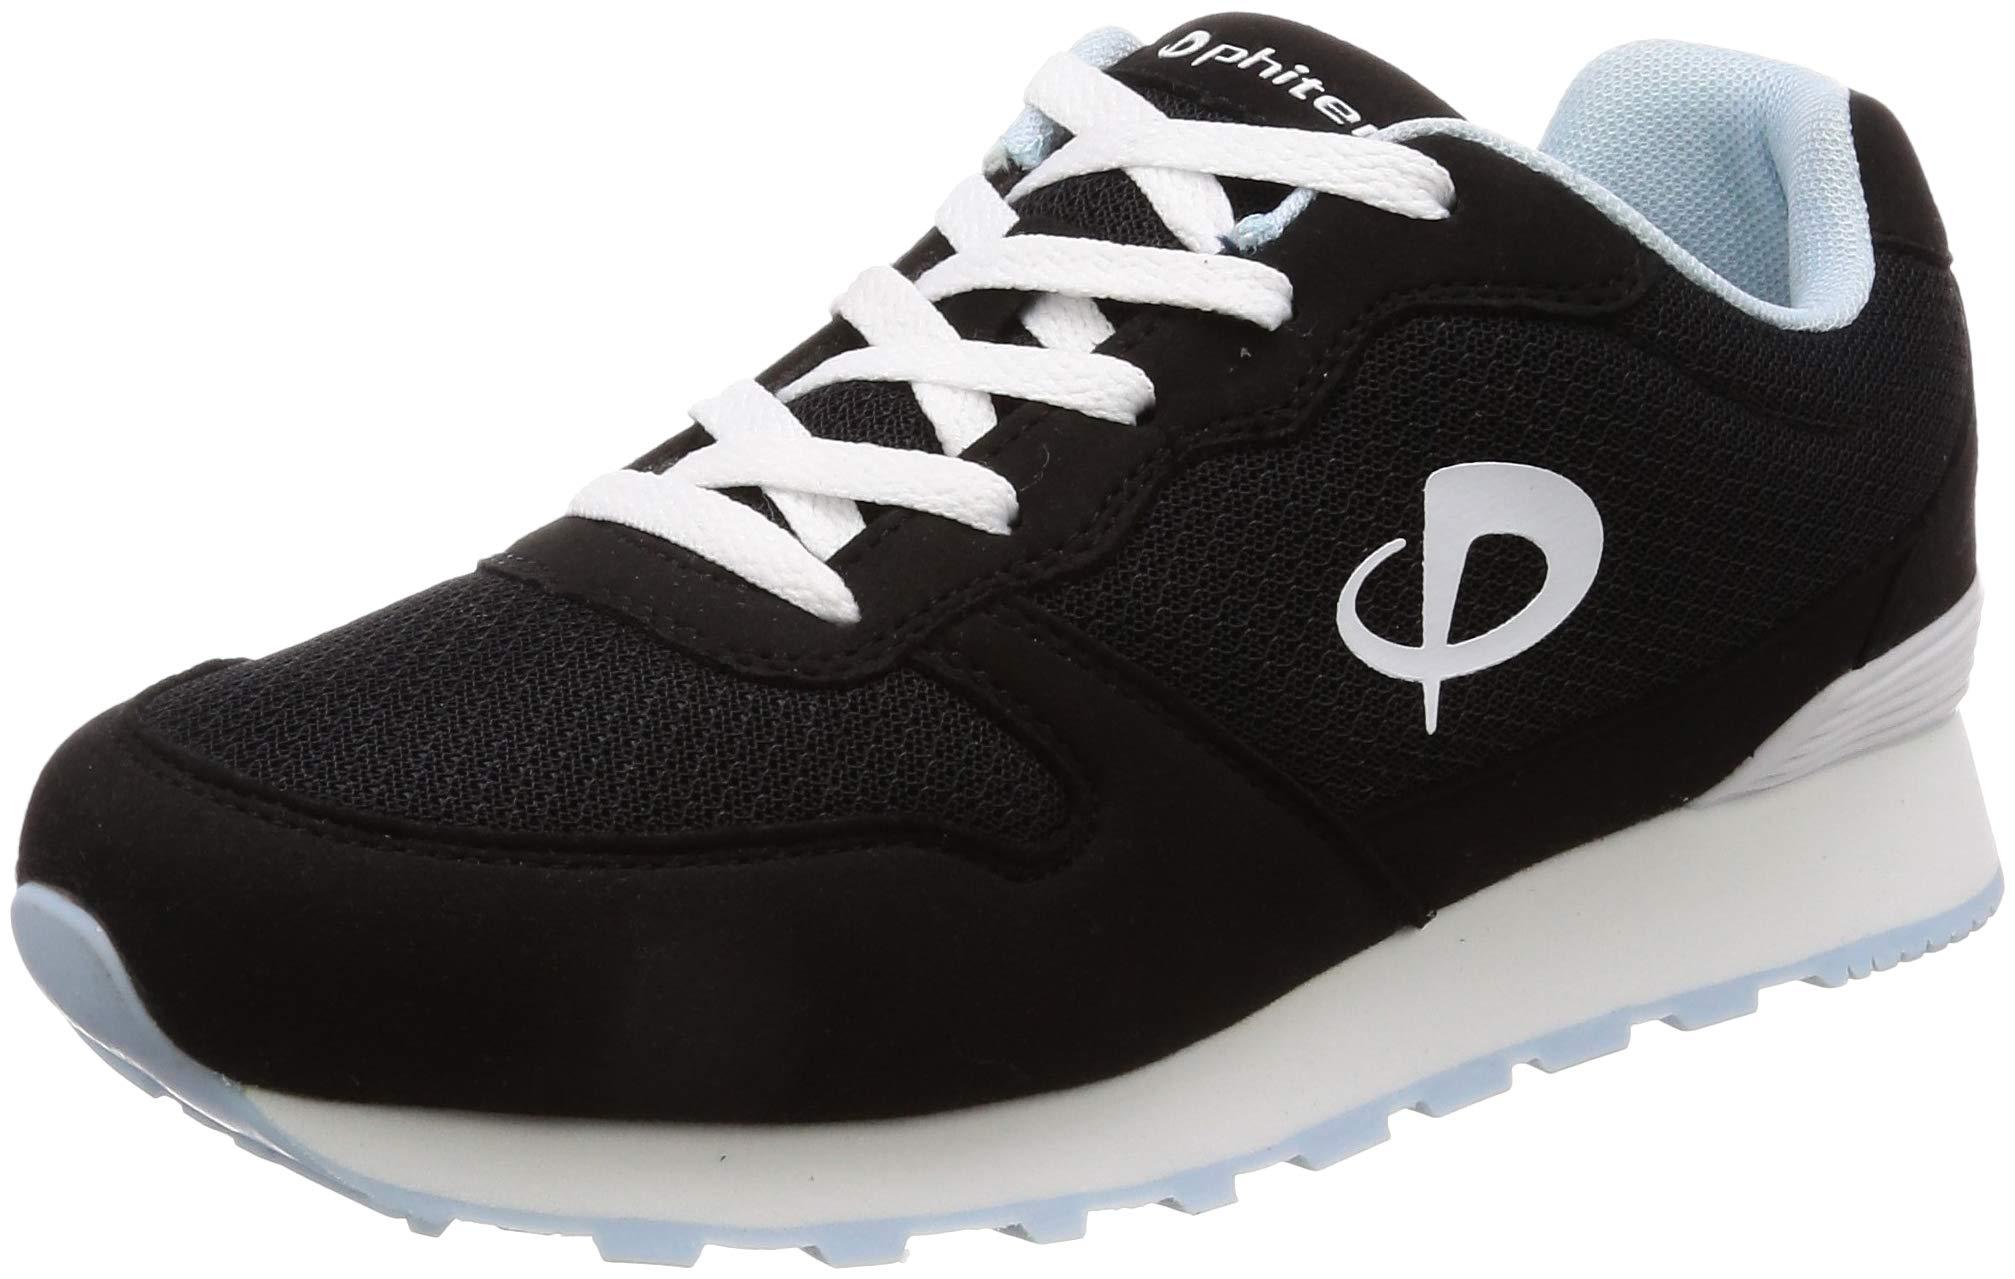 [法藤] 运动鞋、步行鞋 女士